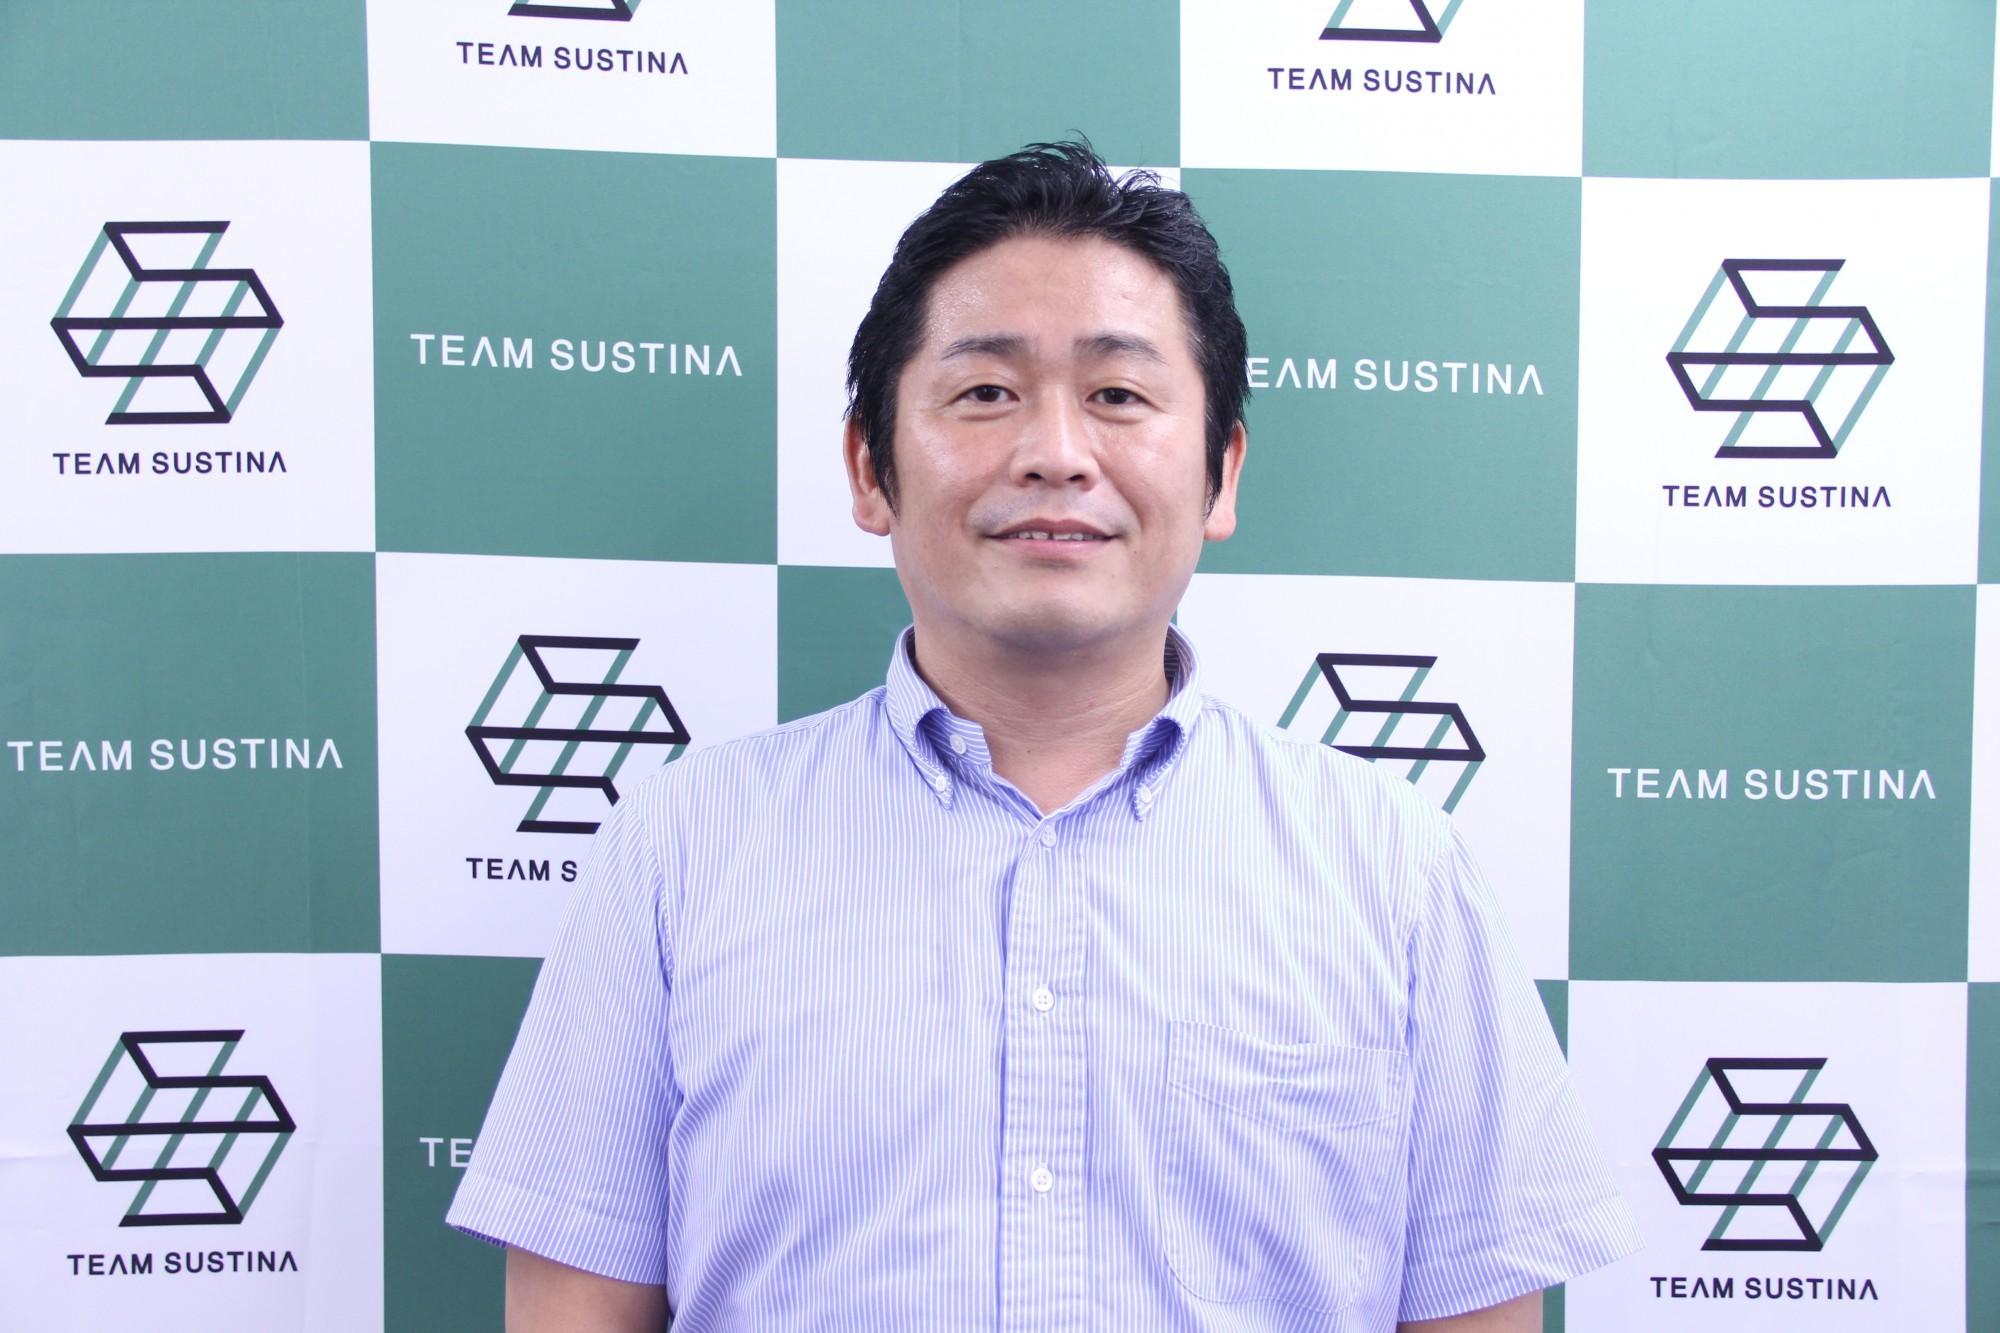 株式会社野崎製作所の代表者写真